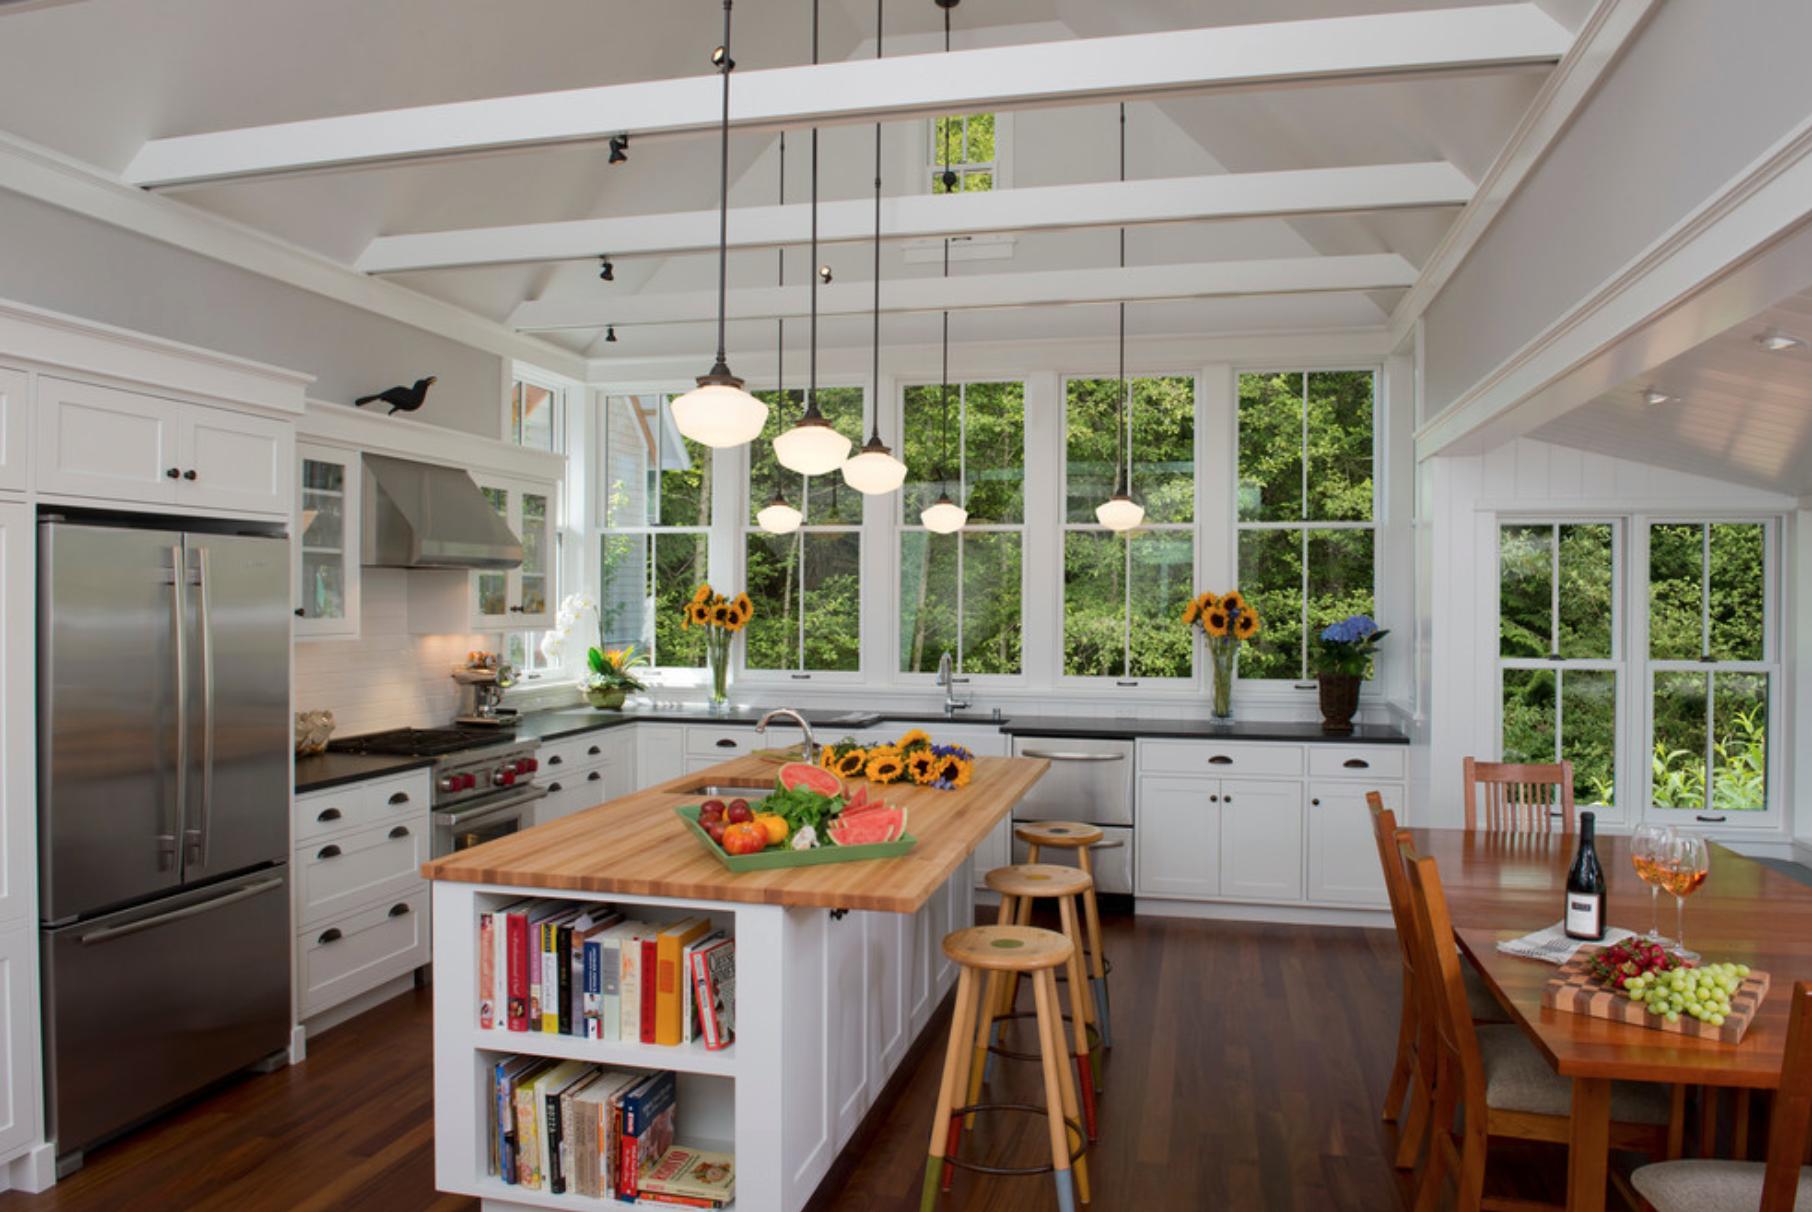 Cozinhas Rústicas e Românticas decorandoonline #9E632D 1812 1212